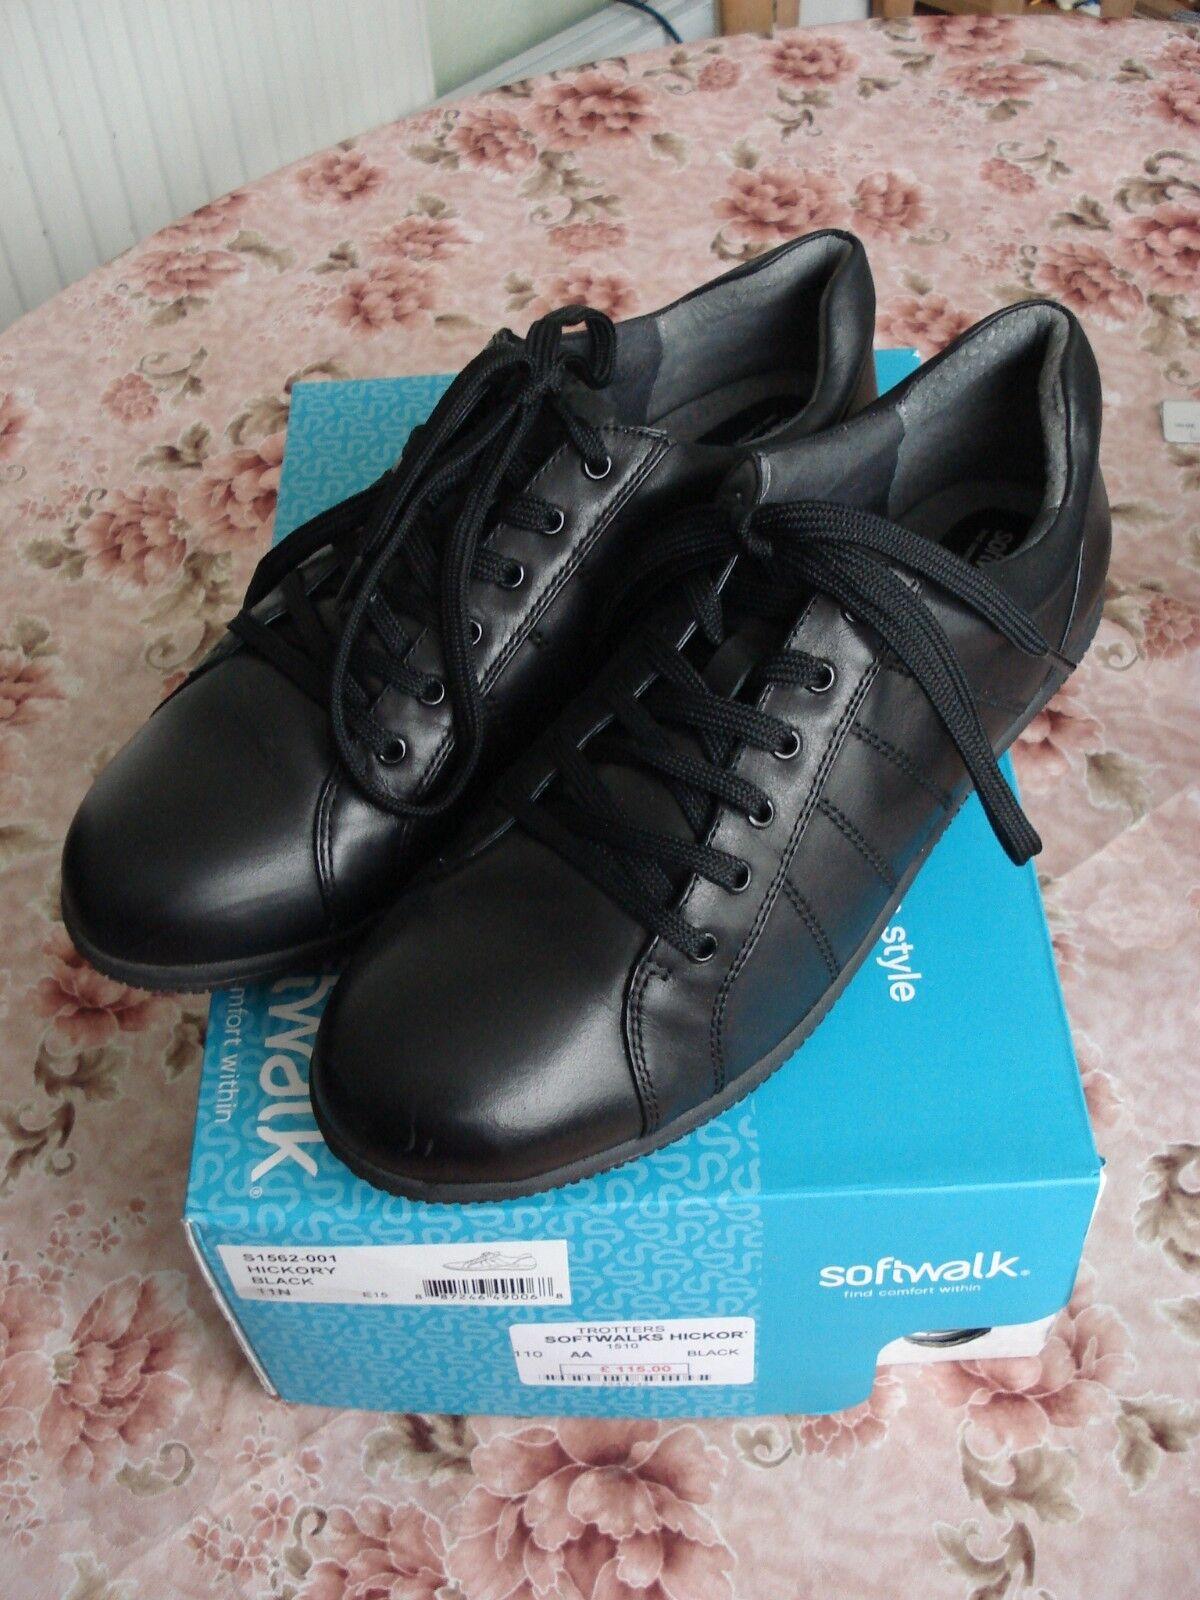 Softwalk Trojoters Hickory Negro Zapatos Para Para Para Caminar Entrenadores Ajuste estrecho señoras UK 9  servicio considerado